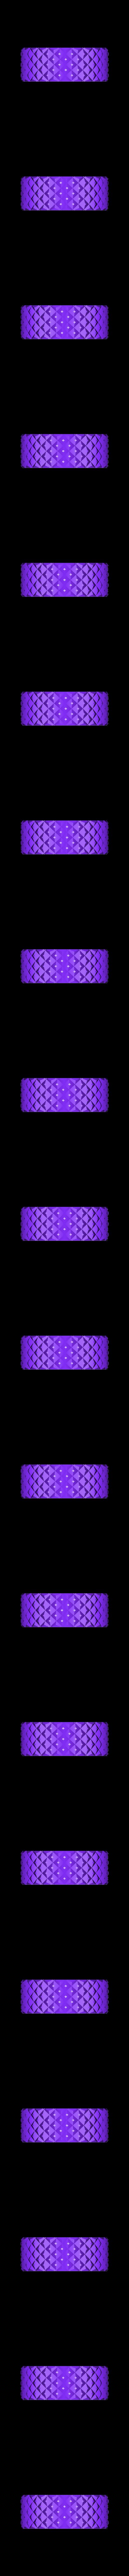 Knob-bolt-O-Ring-TPU.STL Télécharger fichier STL gratuit Outil de ponçage 2 • Objet pour impression 3D, perinski